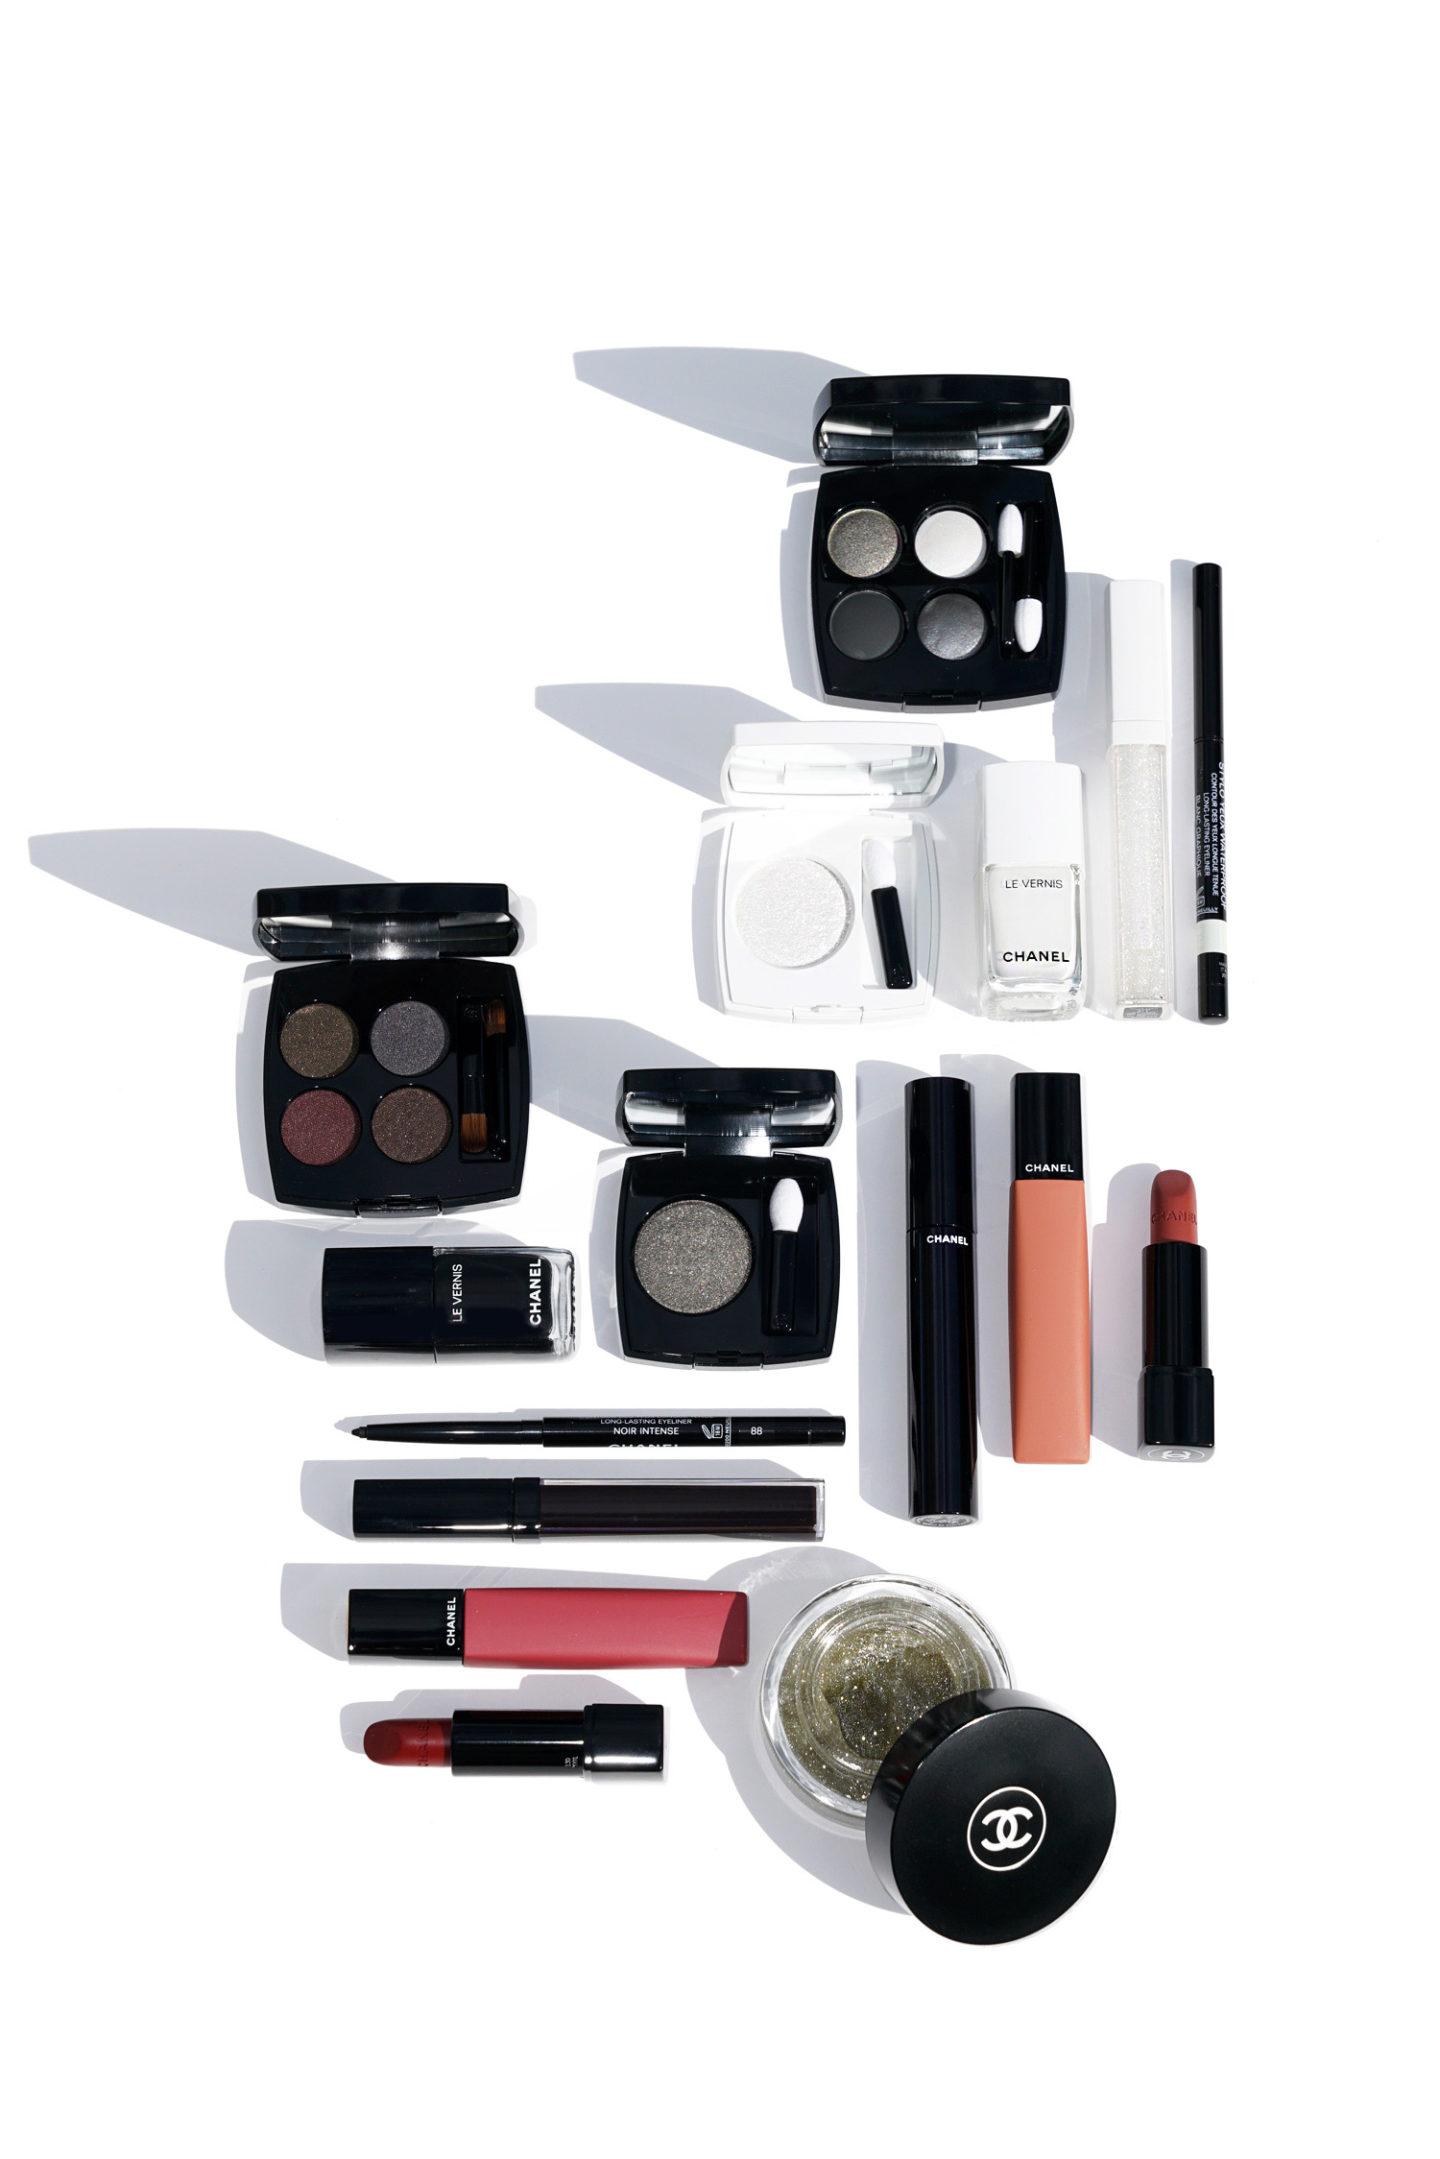 Chanel maquillage automne 2019 examen de la collection et des échantillons